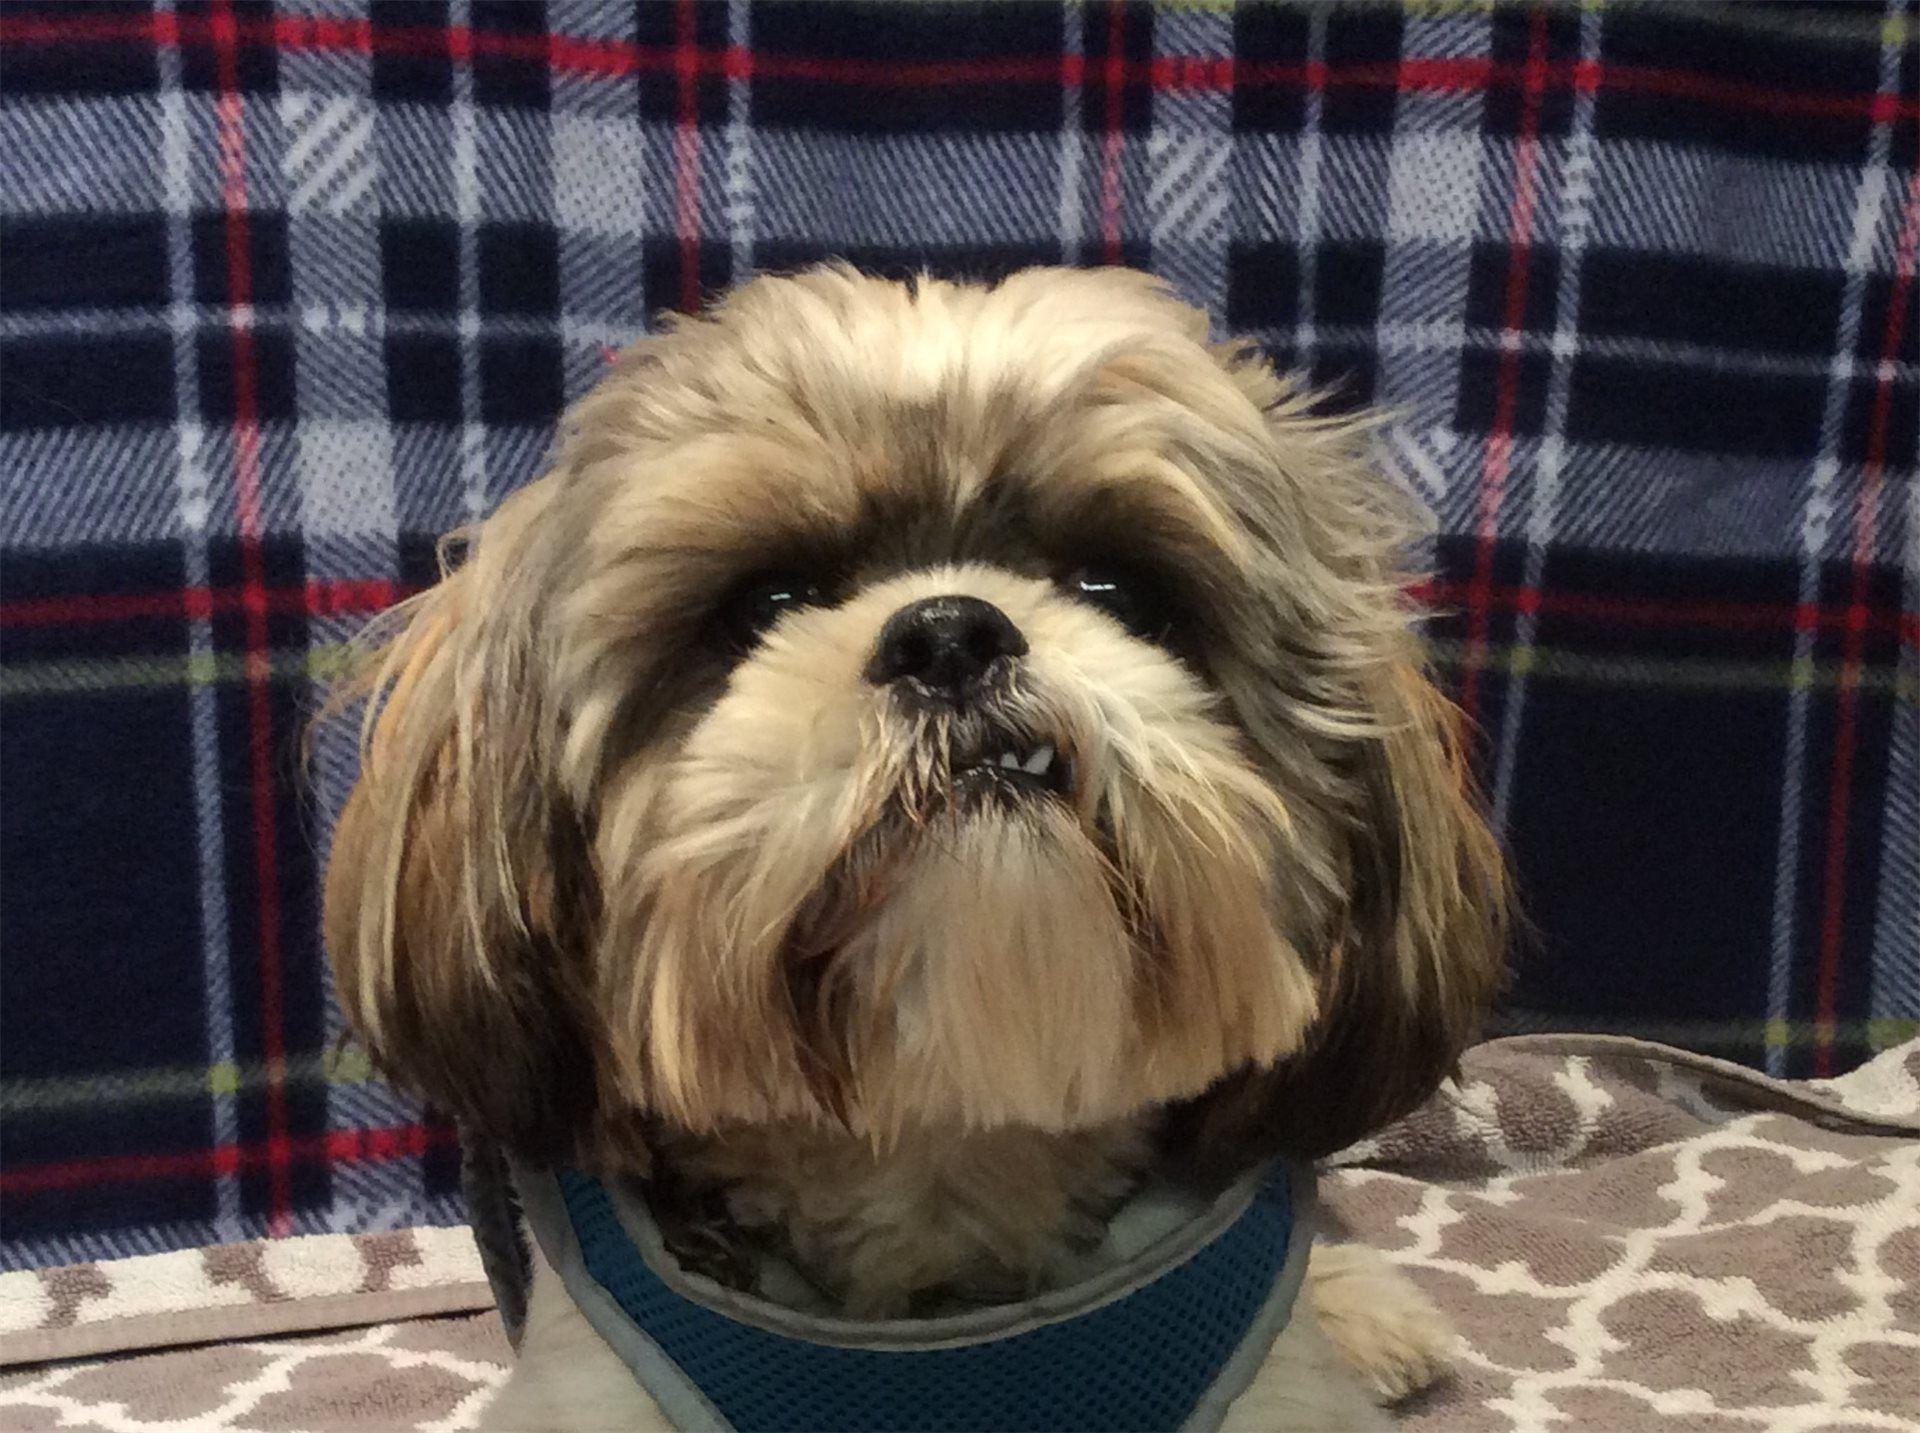 Shih Tzu Dog For Adoption In Pomona Ca Adn 421132 On Puppyfinder